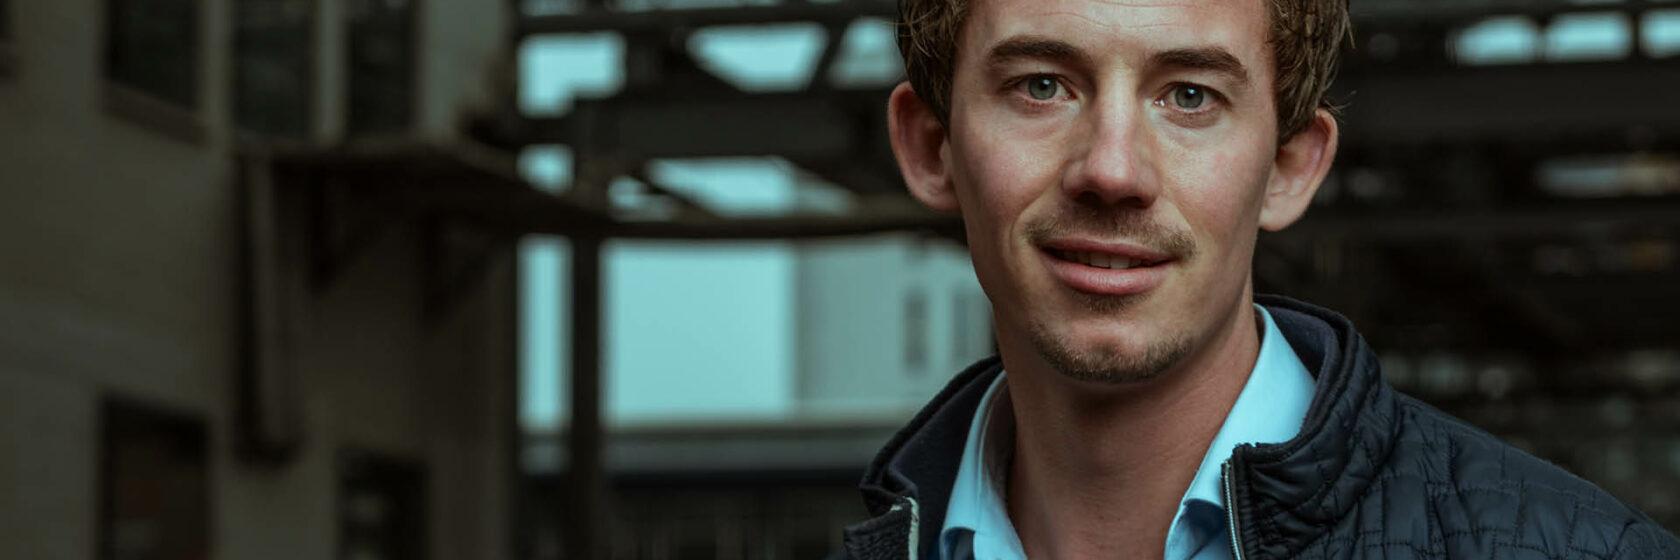 Sweco adviseur Thijs Jansen in industriële omgeving